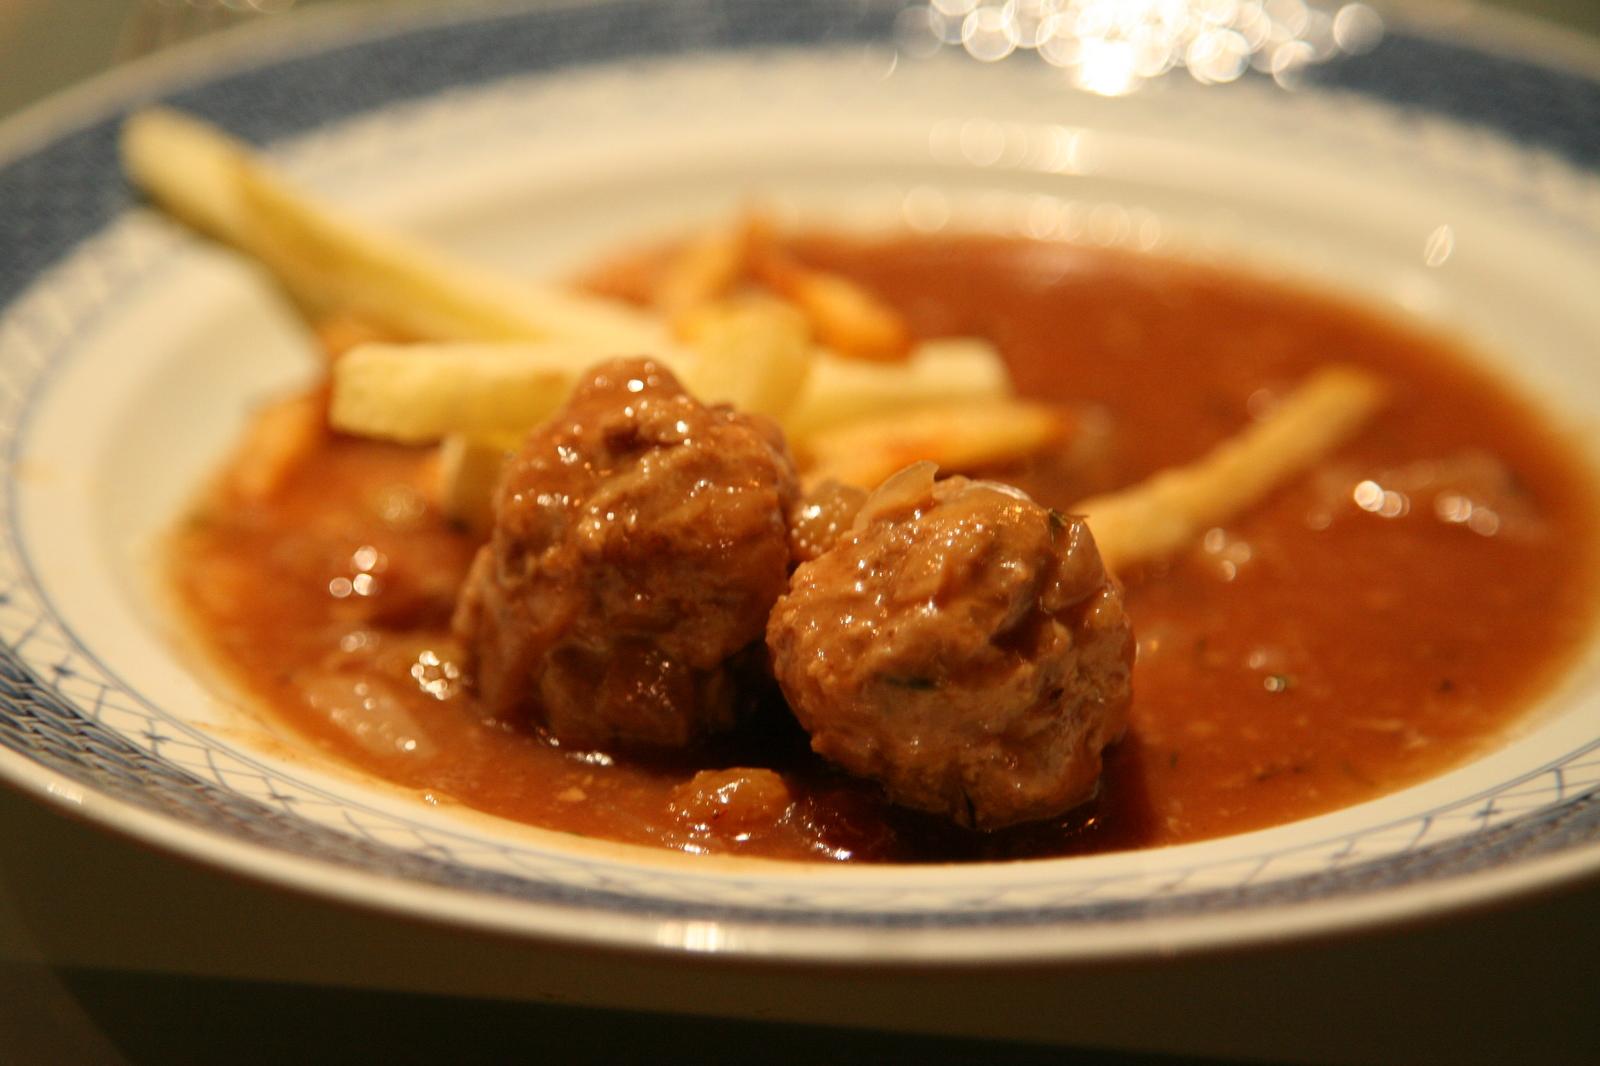 Boulets sauce lapin